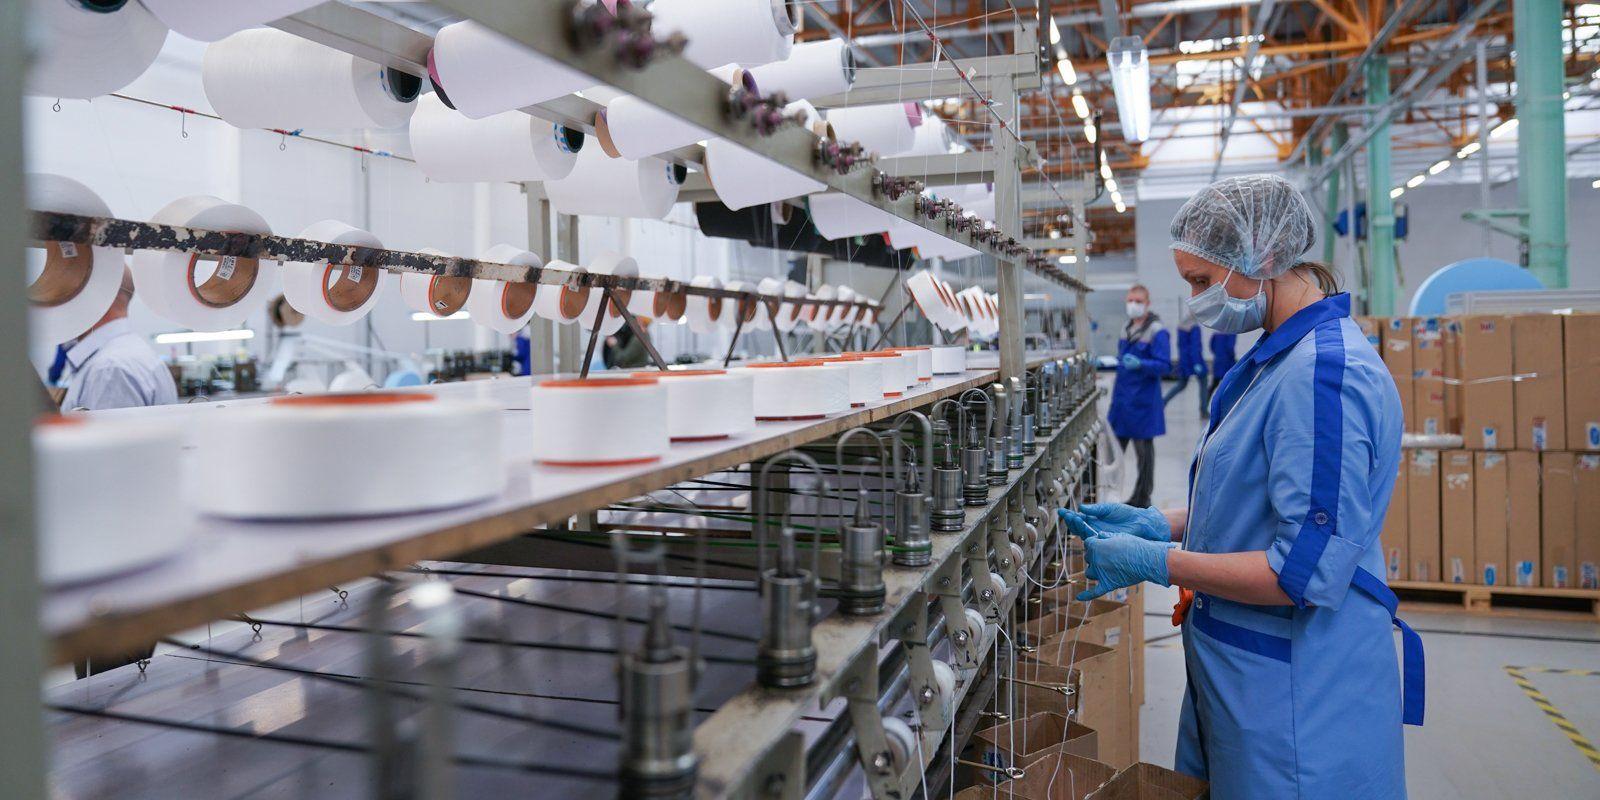 Технополис «Москва» каждый день производит 900 тысяч масок и респираторов